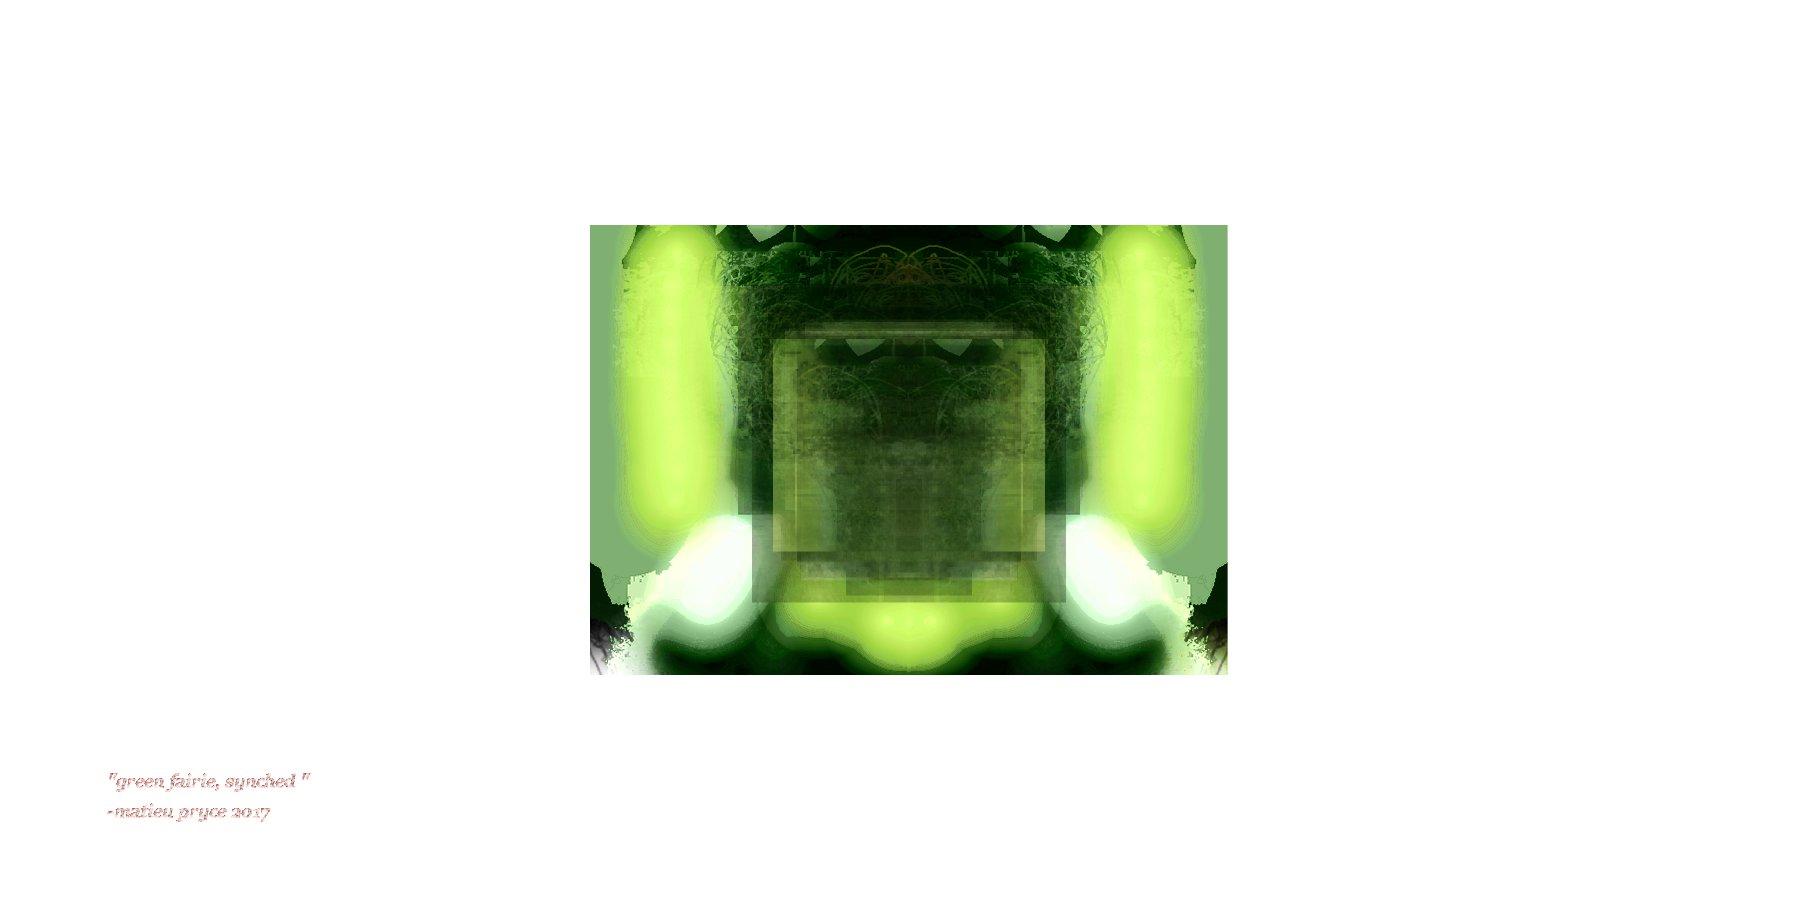 greenffr